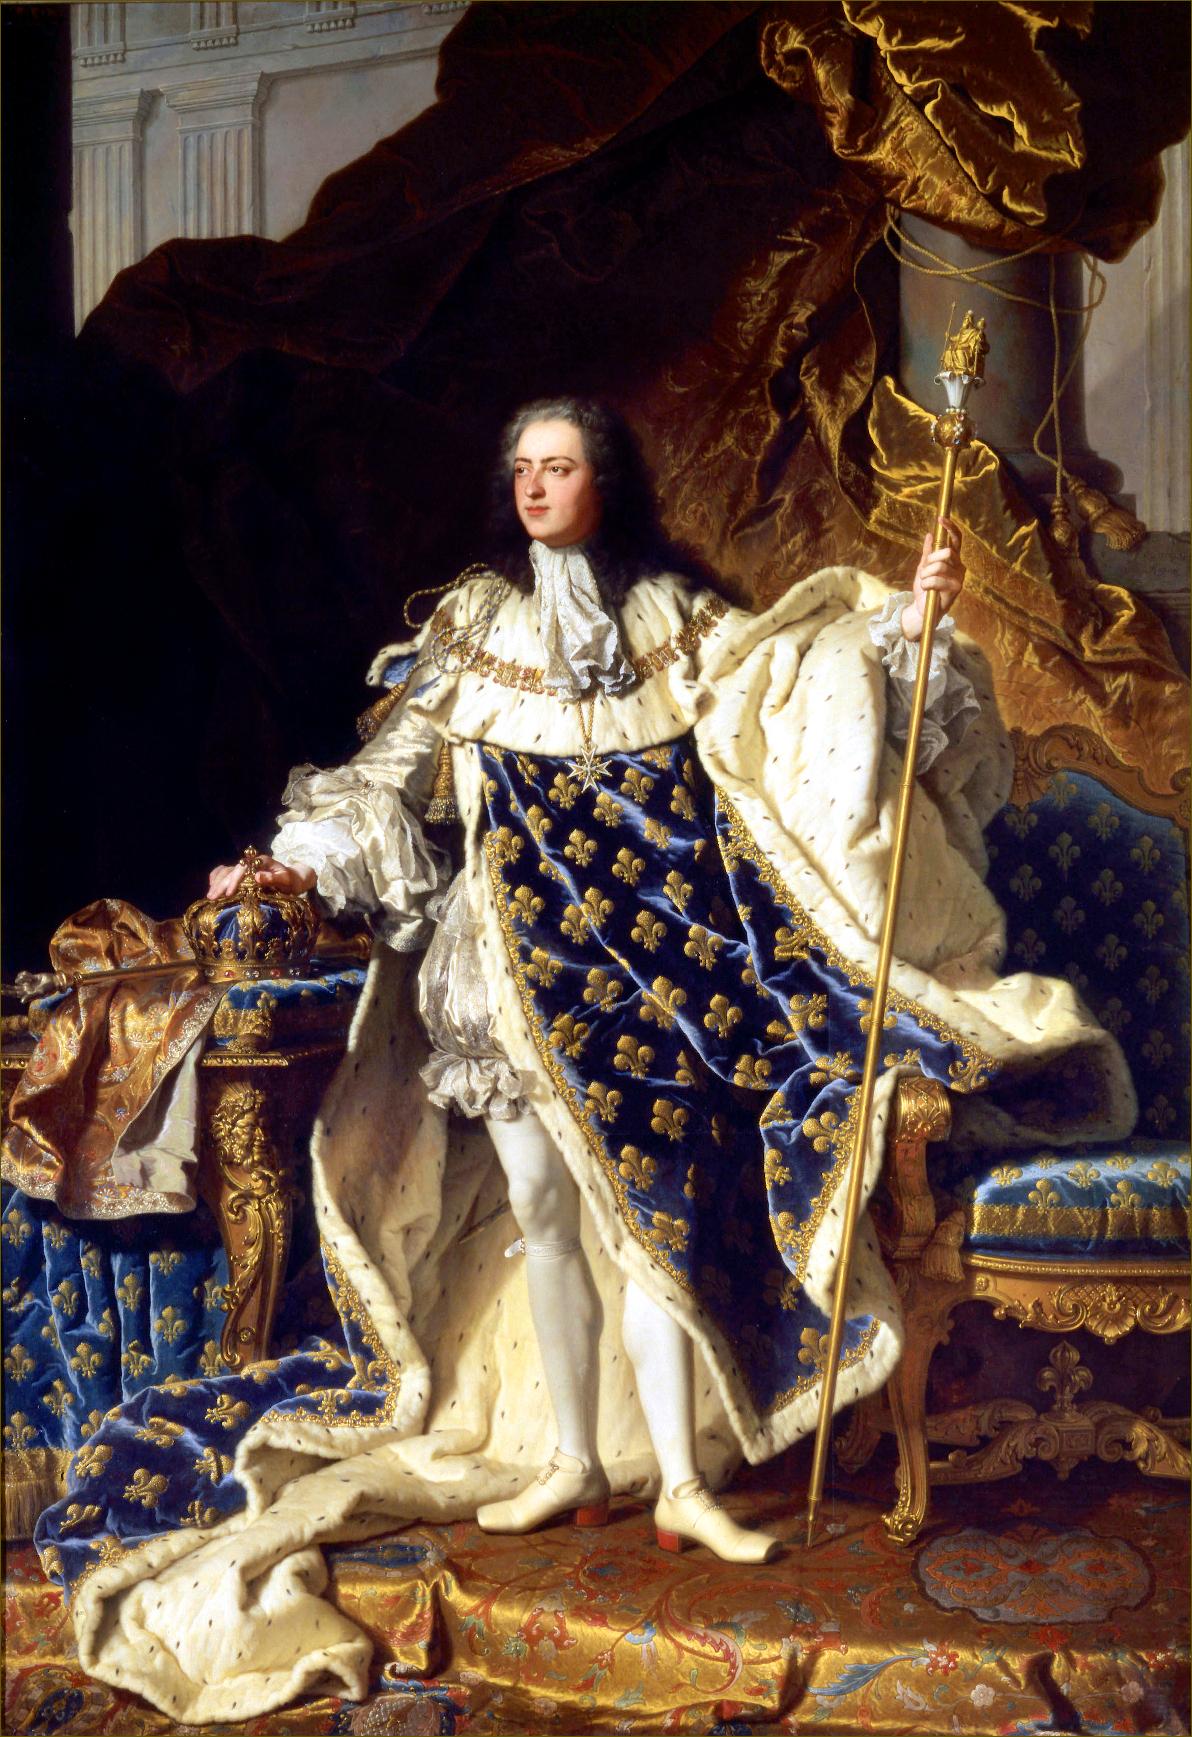 Louis XV, roi de France, âgé de 20 ans, en costume royal, en 1730, par Rigaud